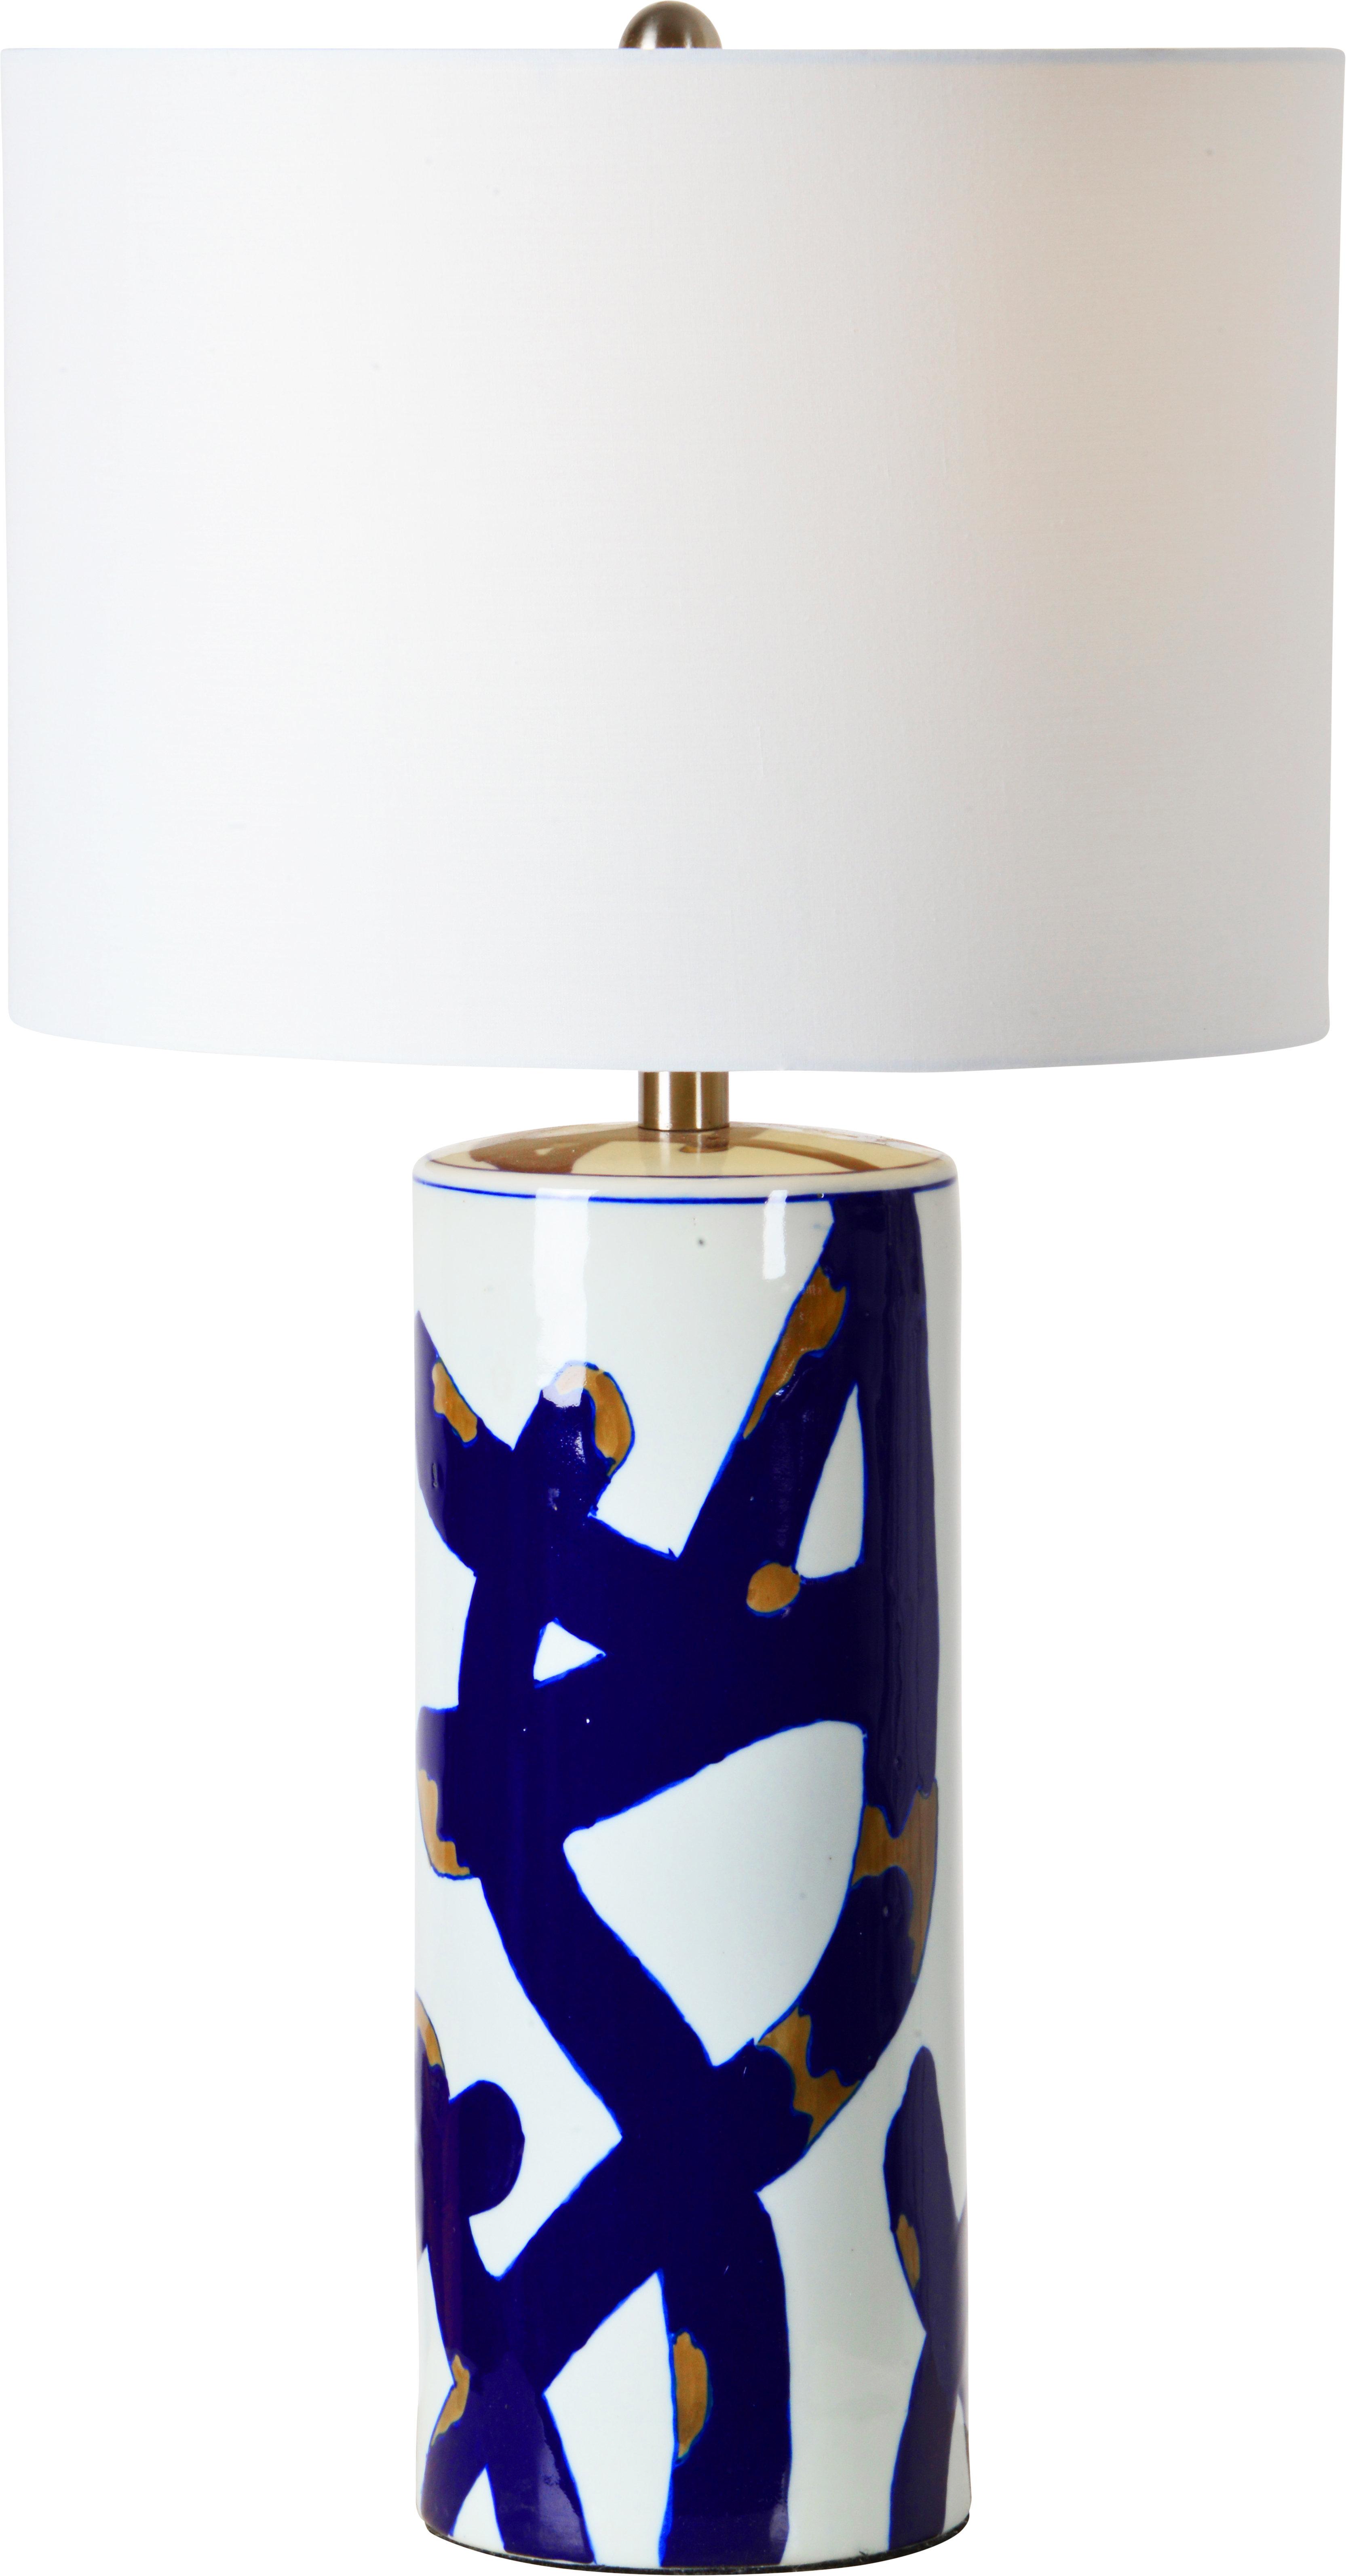 Ivy Bronx Danyel 26 Table Lamp Reviews Wayfair